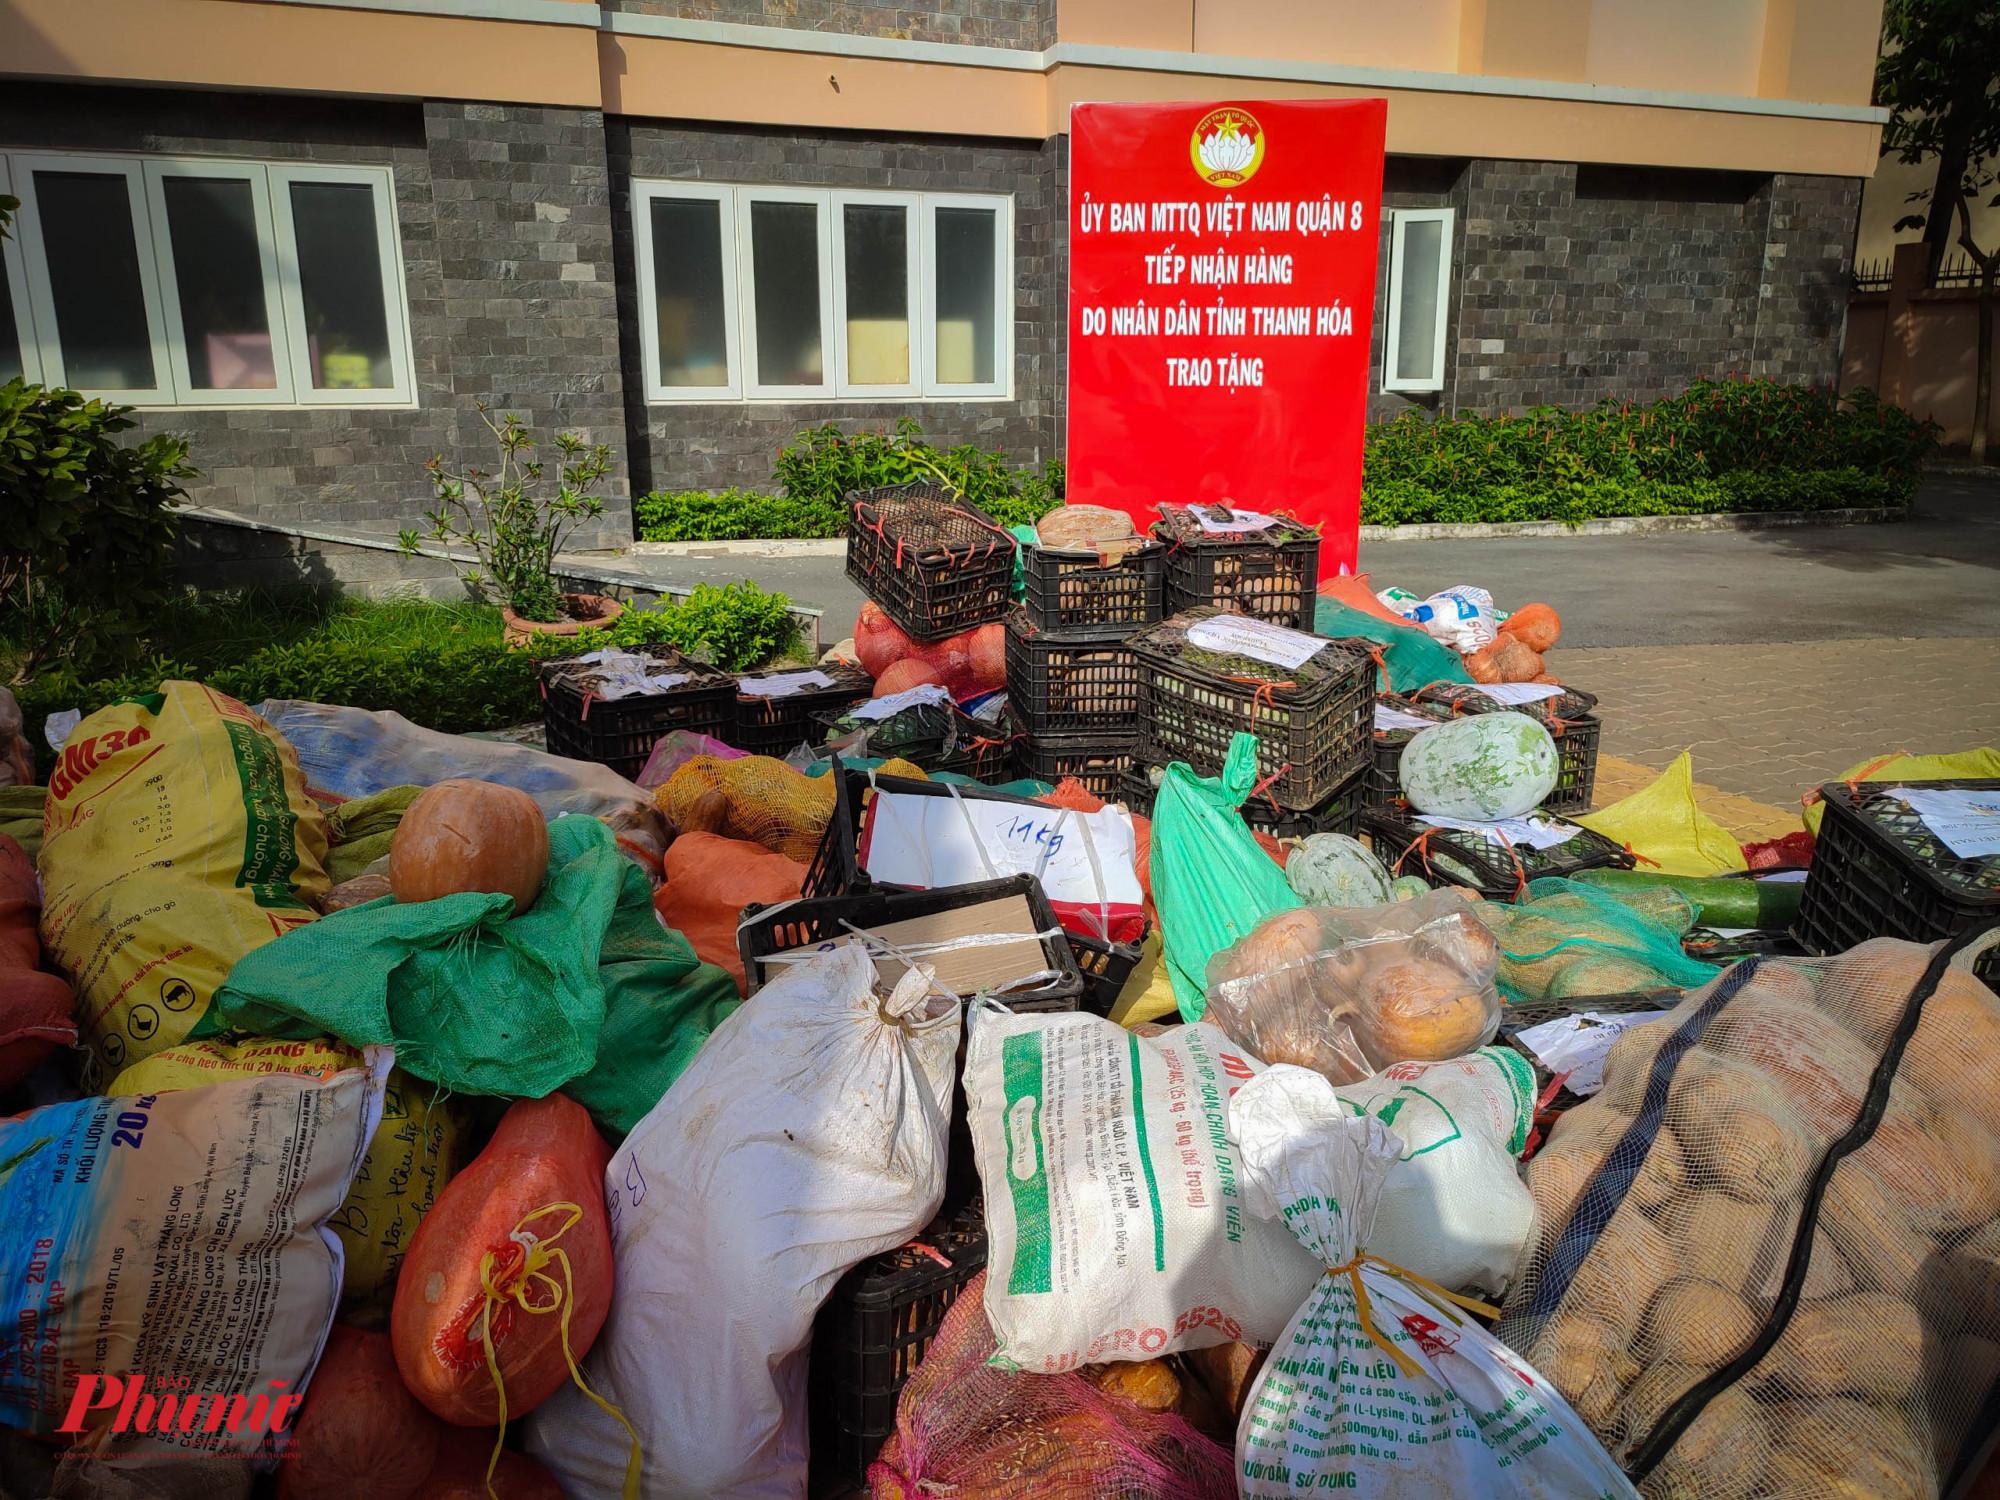 MTTQ quận 8 cũng đã nhận hơn 23 tấn thực phẩm thiết yếu từ tỉnh Thanh Hóa trong chiều 26/7